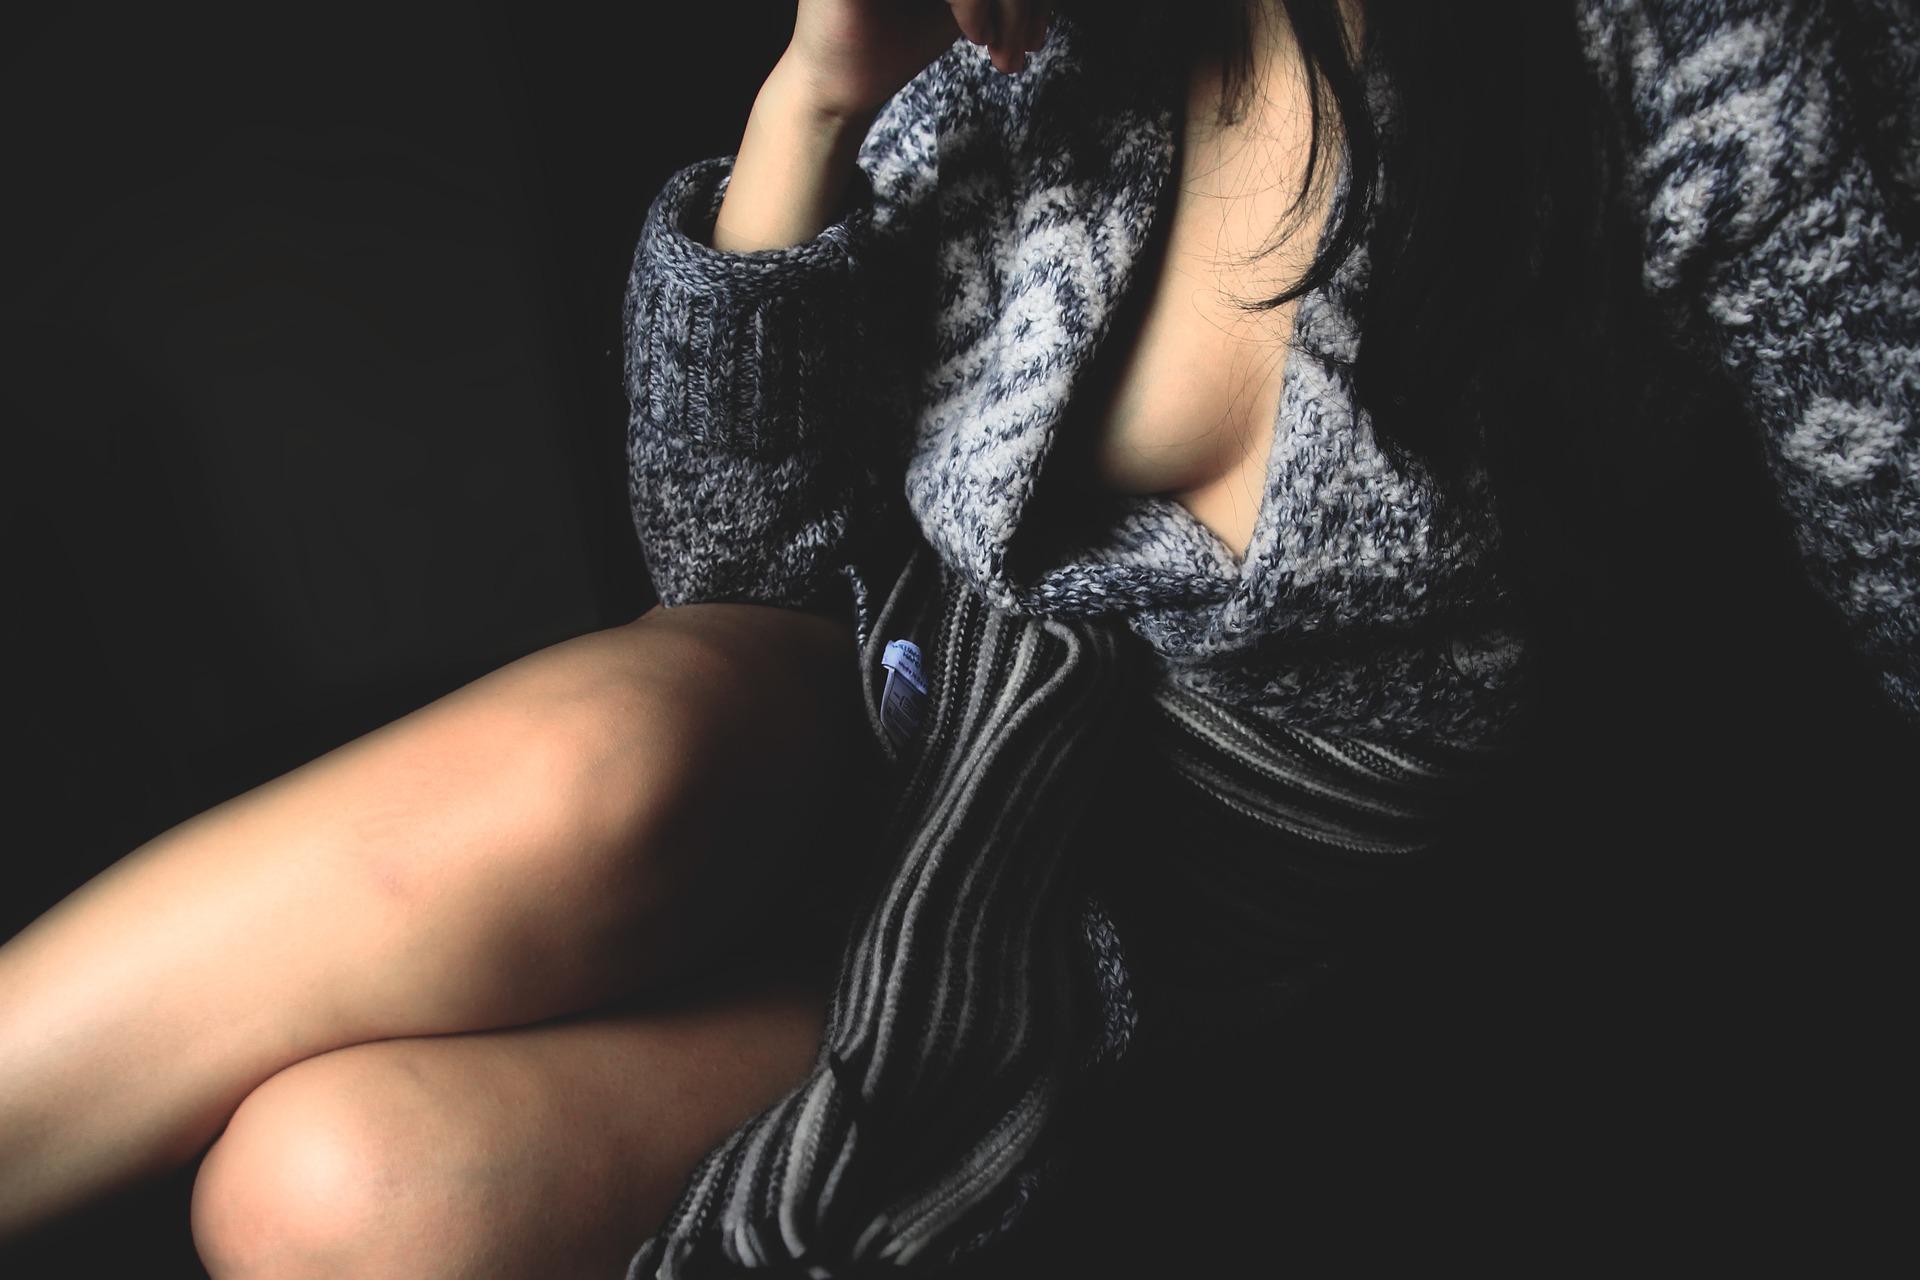 不倫での嫉妬・不倫なのに嫉妬する既婚者男性の心理と既婚男性の奥さんに嫉妬する女性の心理やそれぞれの対処法